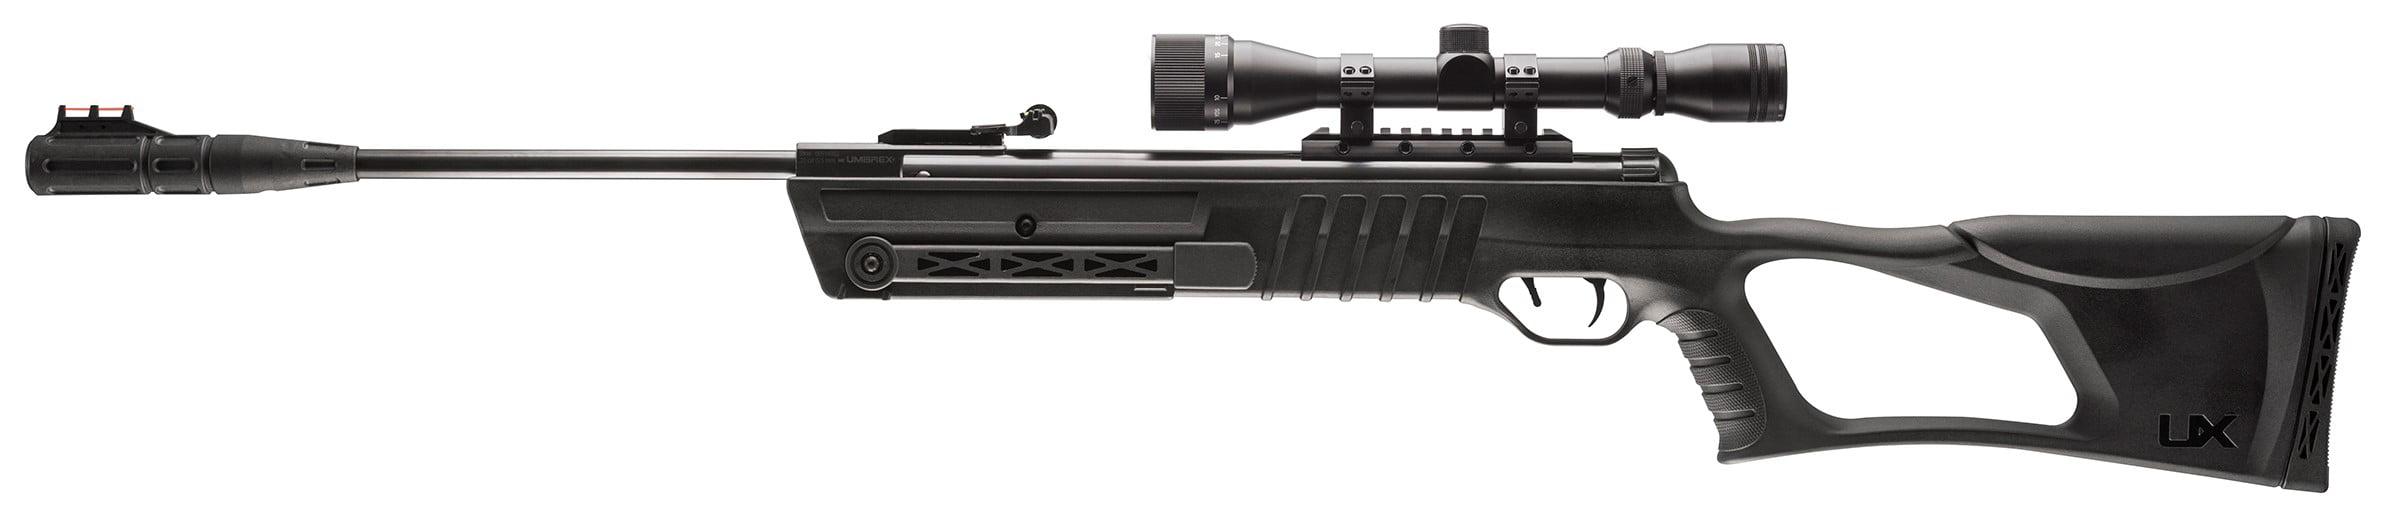 Umarex Fuel 2251314 Pellet Air Rifle 0.22cal,1,050fps w 3-9x32 AO Scope by Umarex